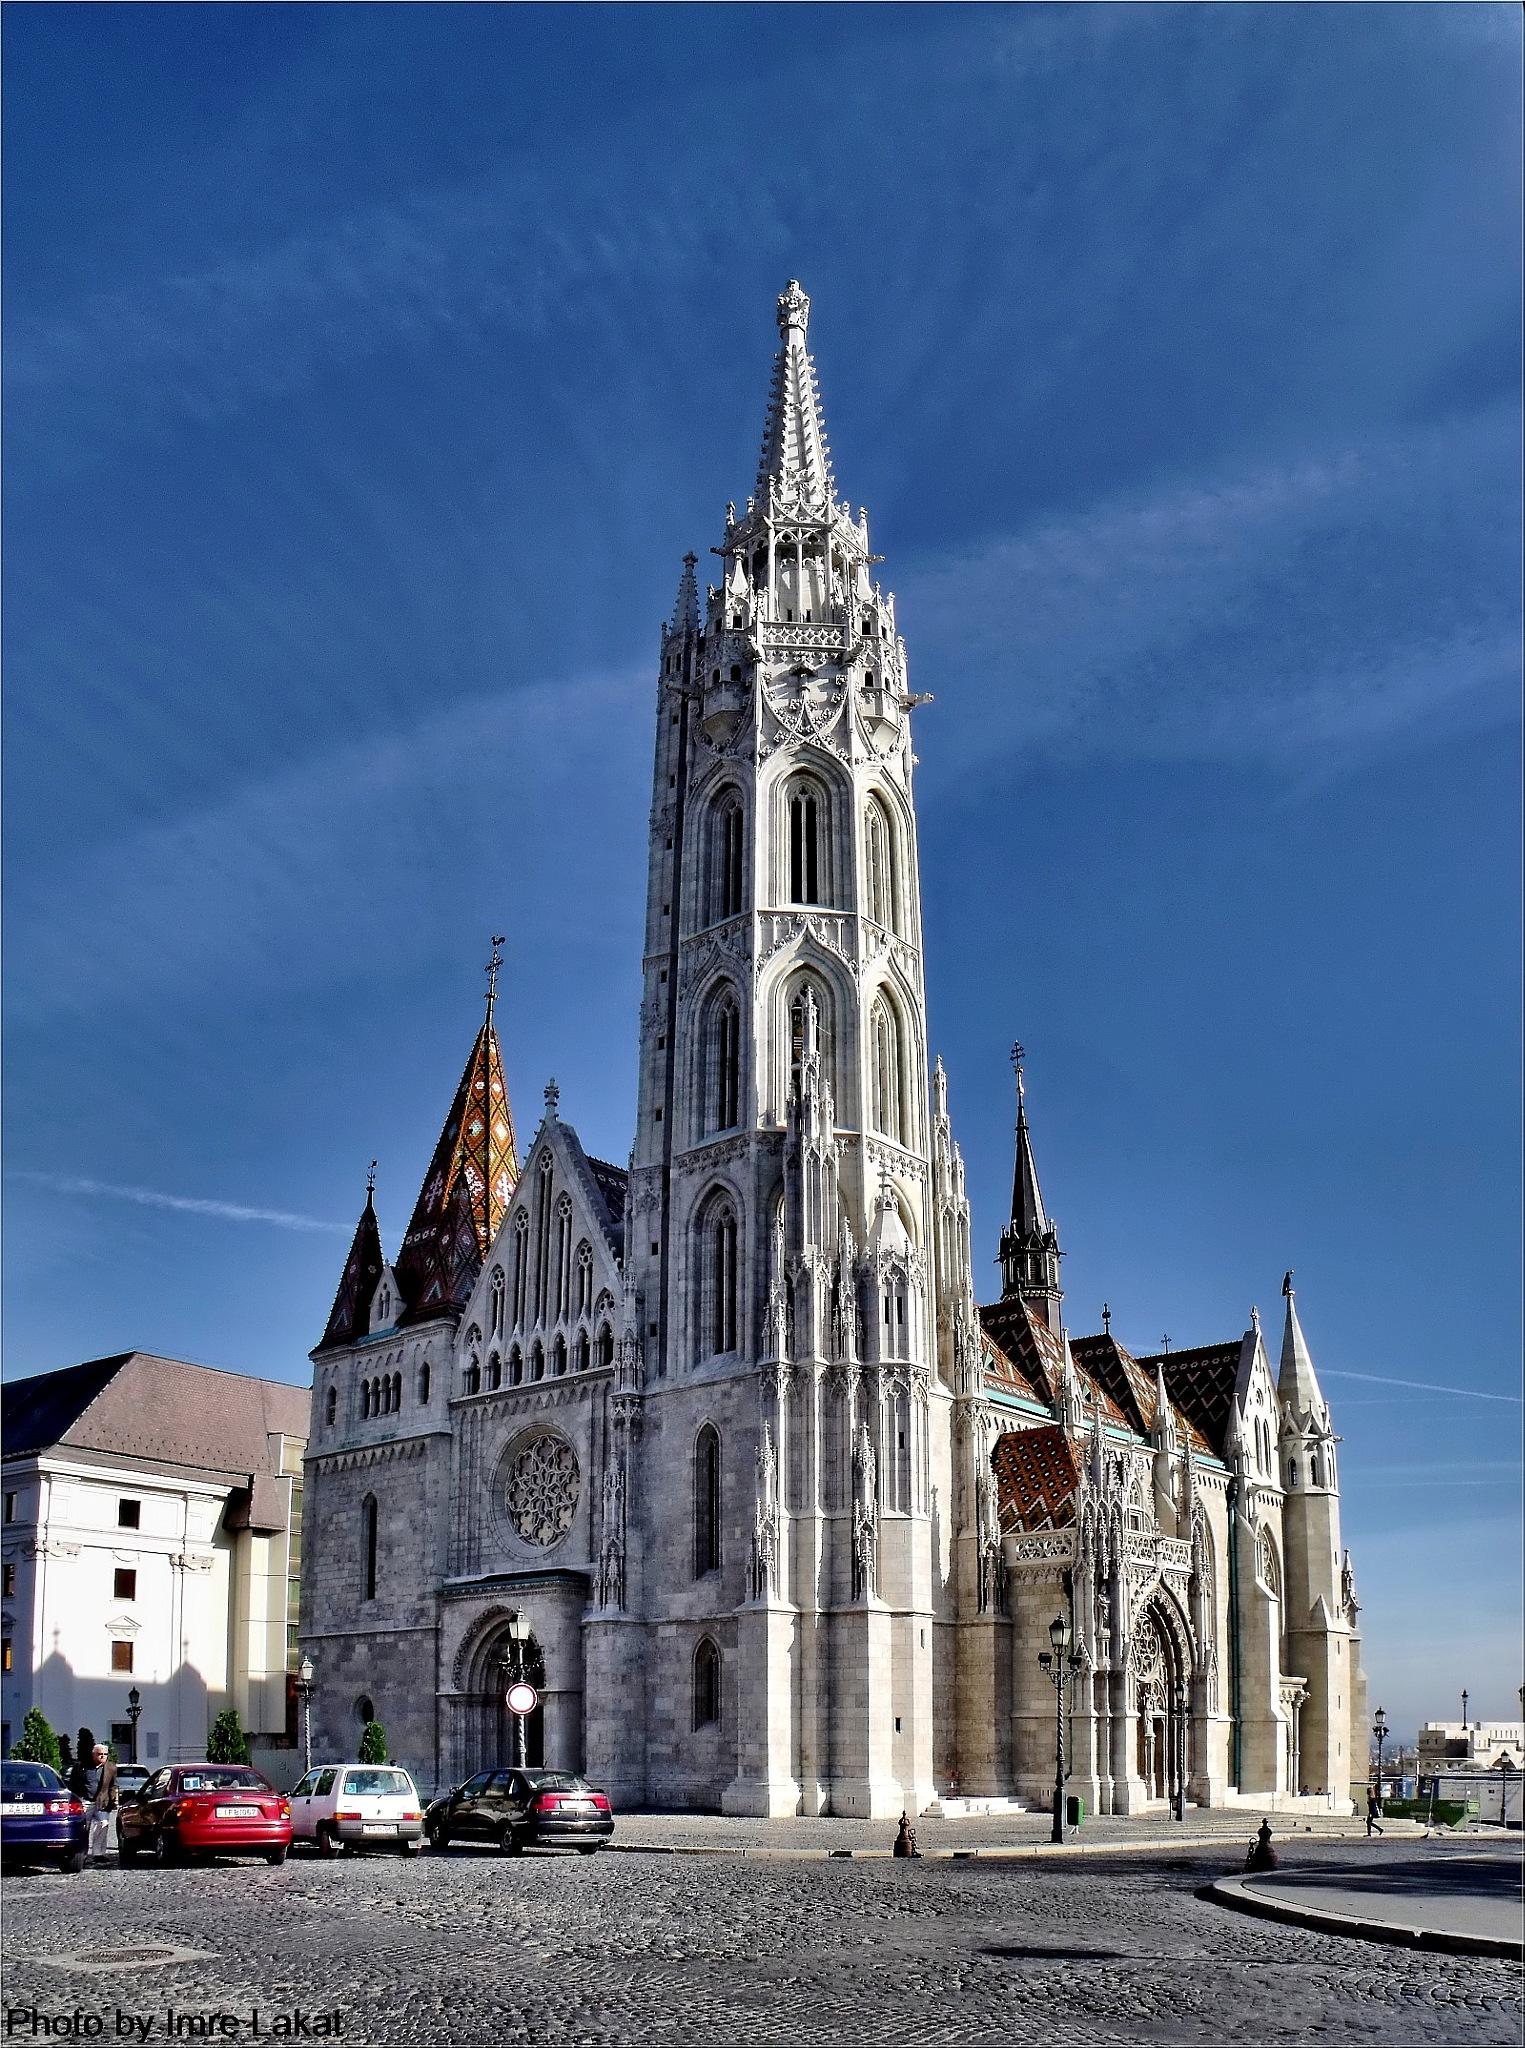 Mátyás Templom, Budapest, Szentháromság tér, Magyarország by Imre Lakat